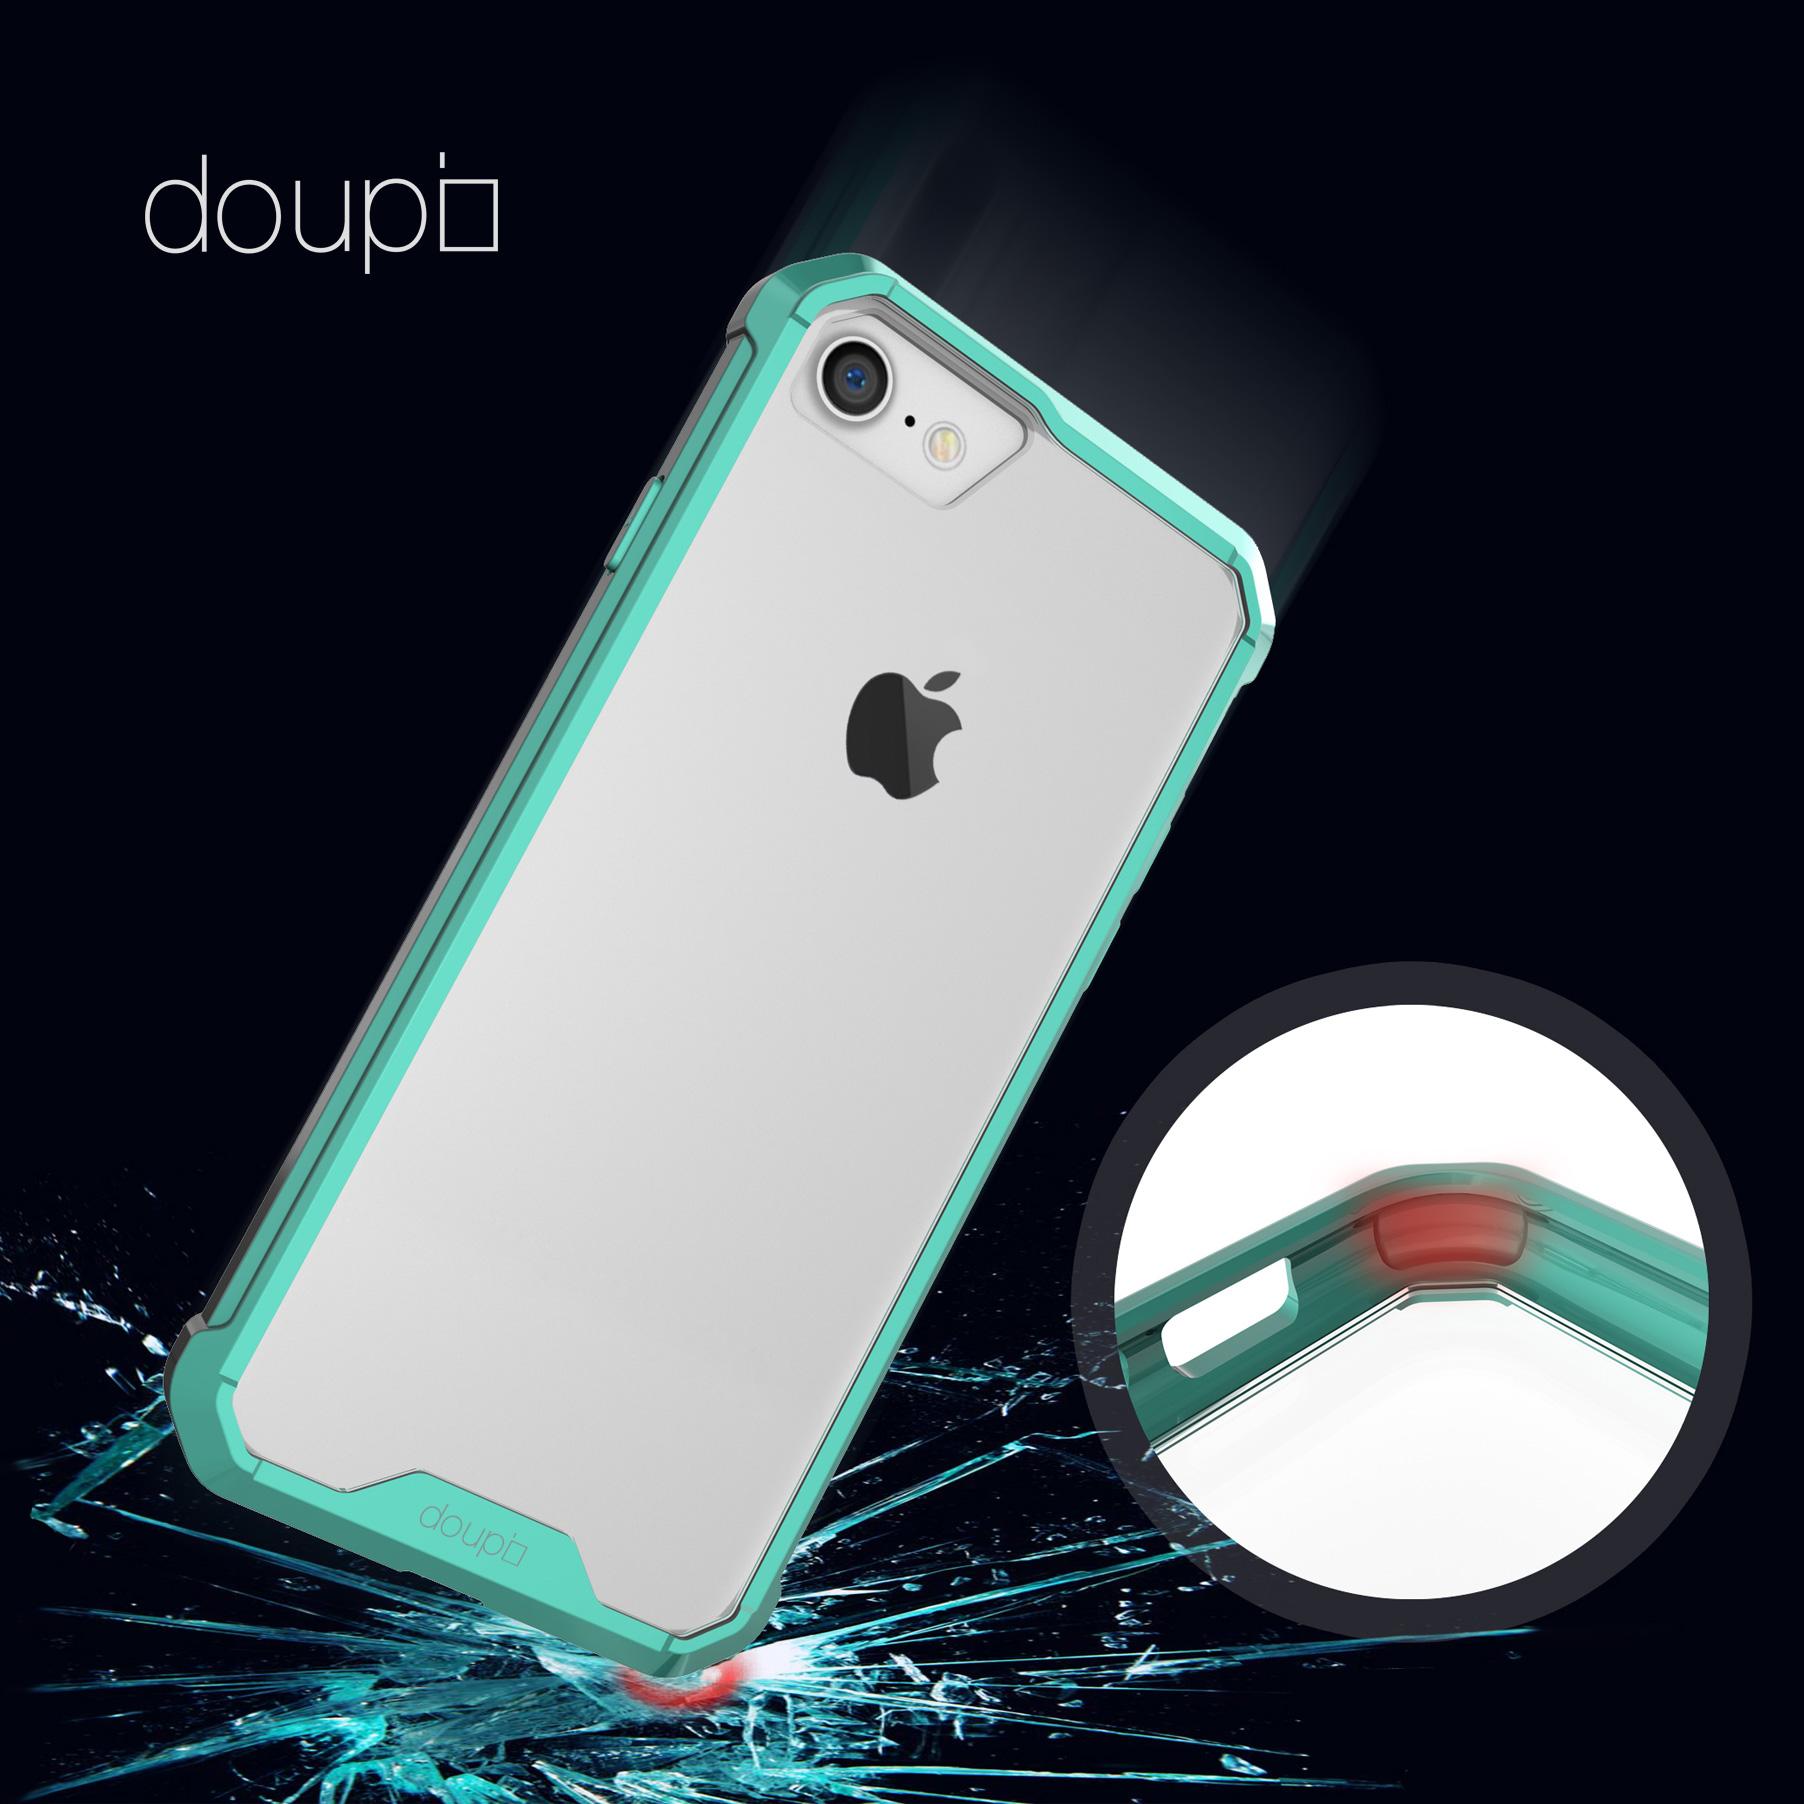 AirClear-Case-iPhone-8-7-4-7-034-Rueckschale-Bumper-Rahmen-Schutz-Huelle-Folie Indexbild 12